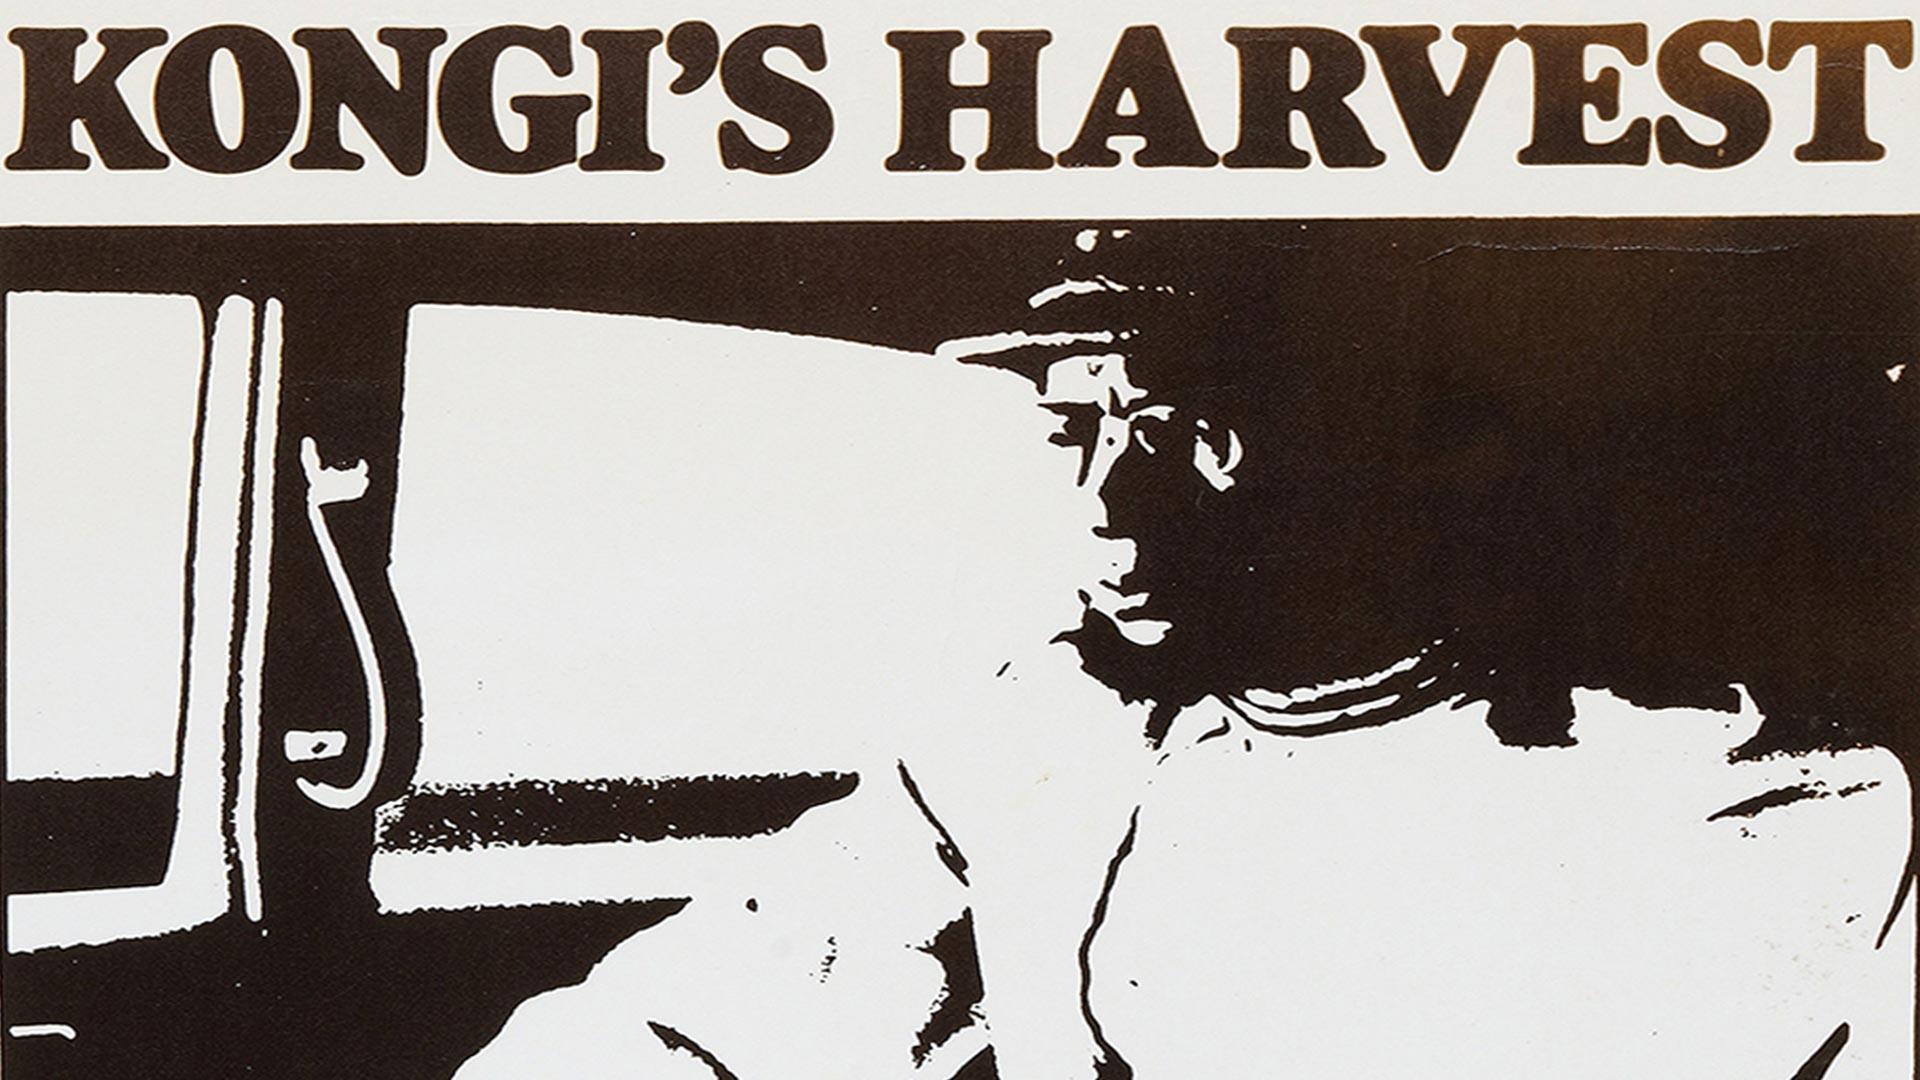 Kongis Harvest